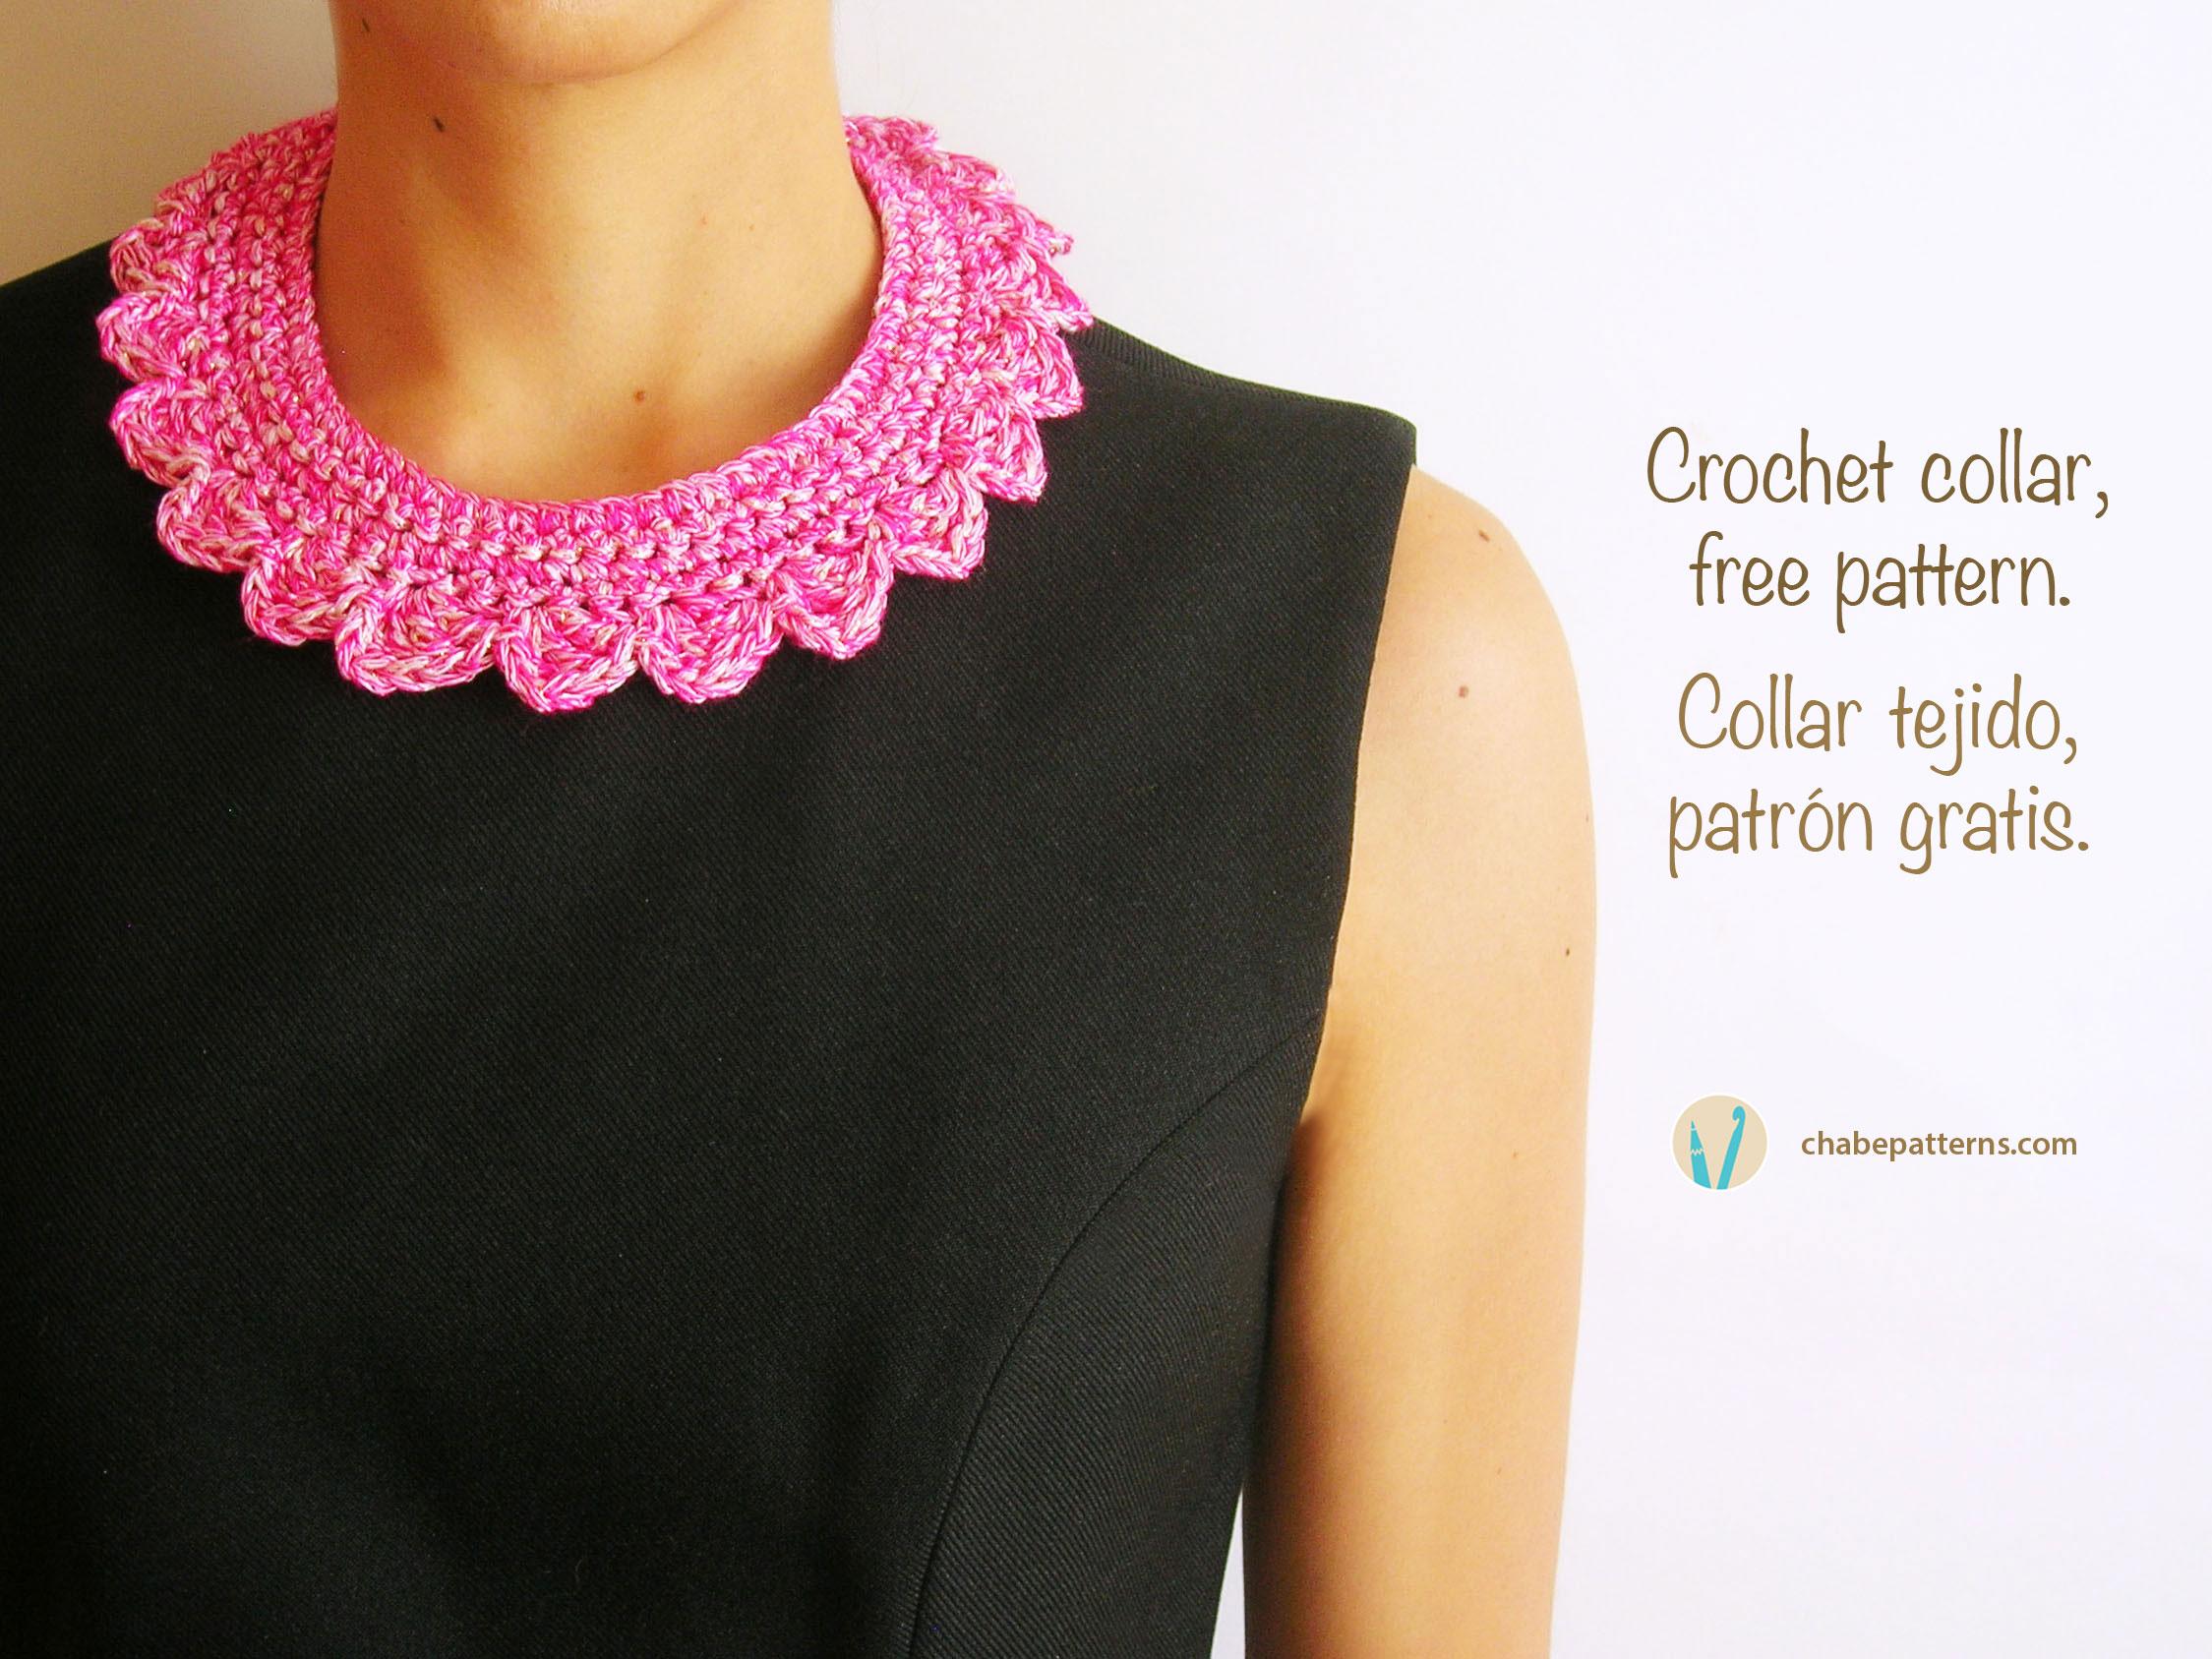 Crochet collar/ Collar tejido